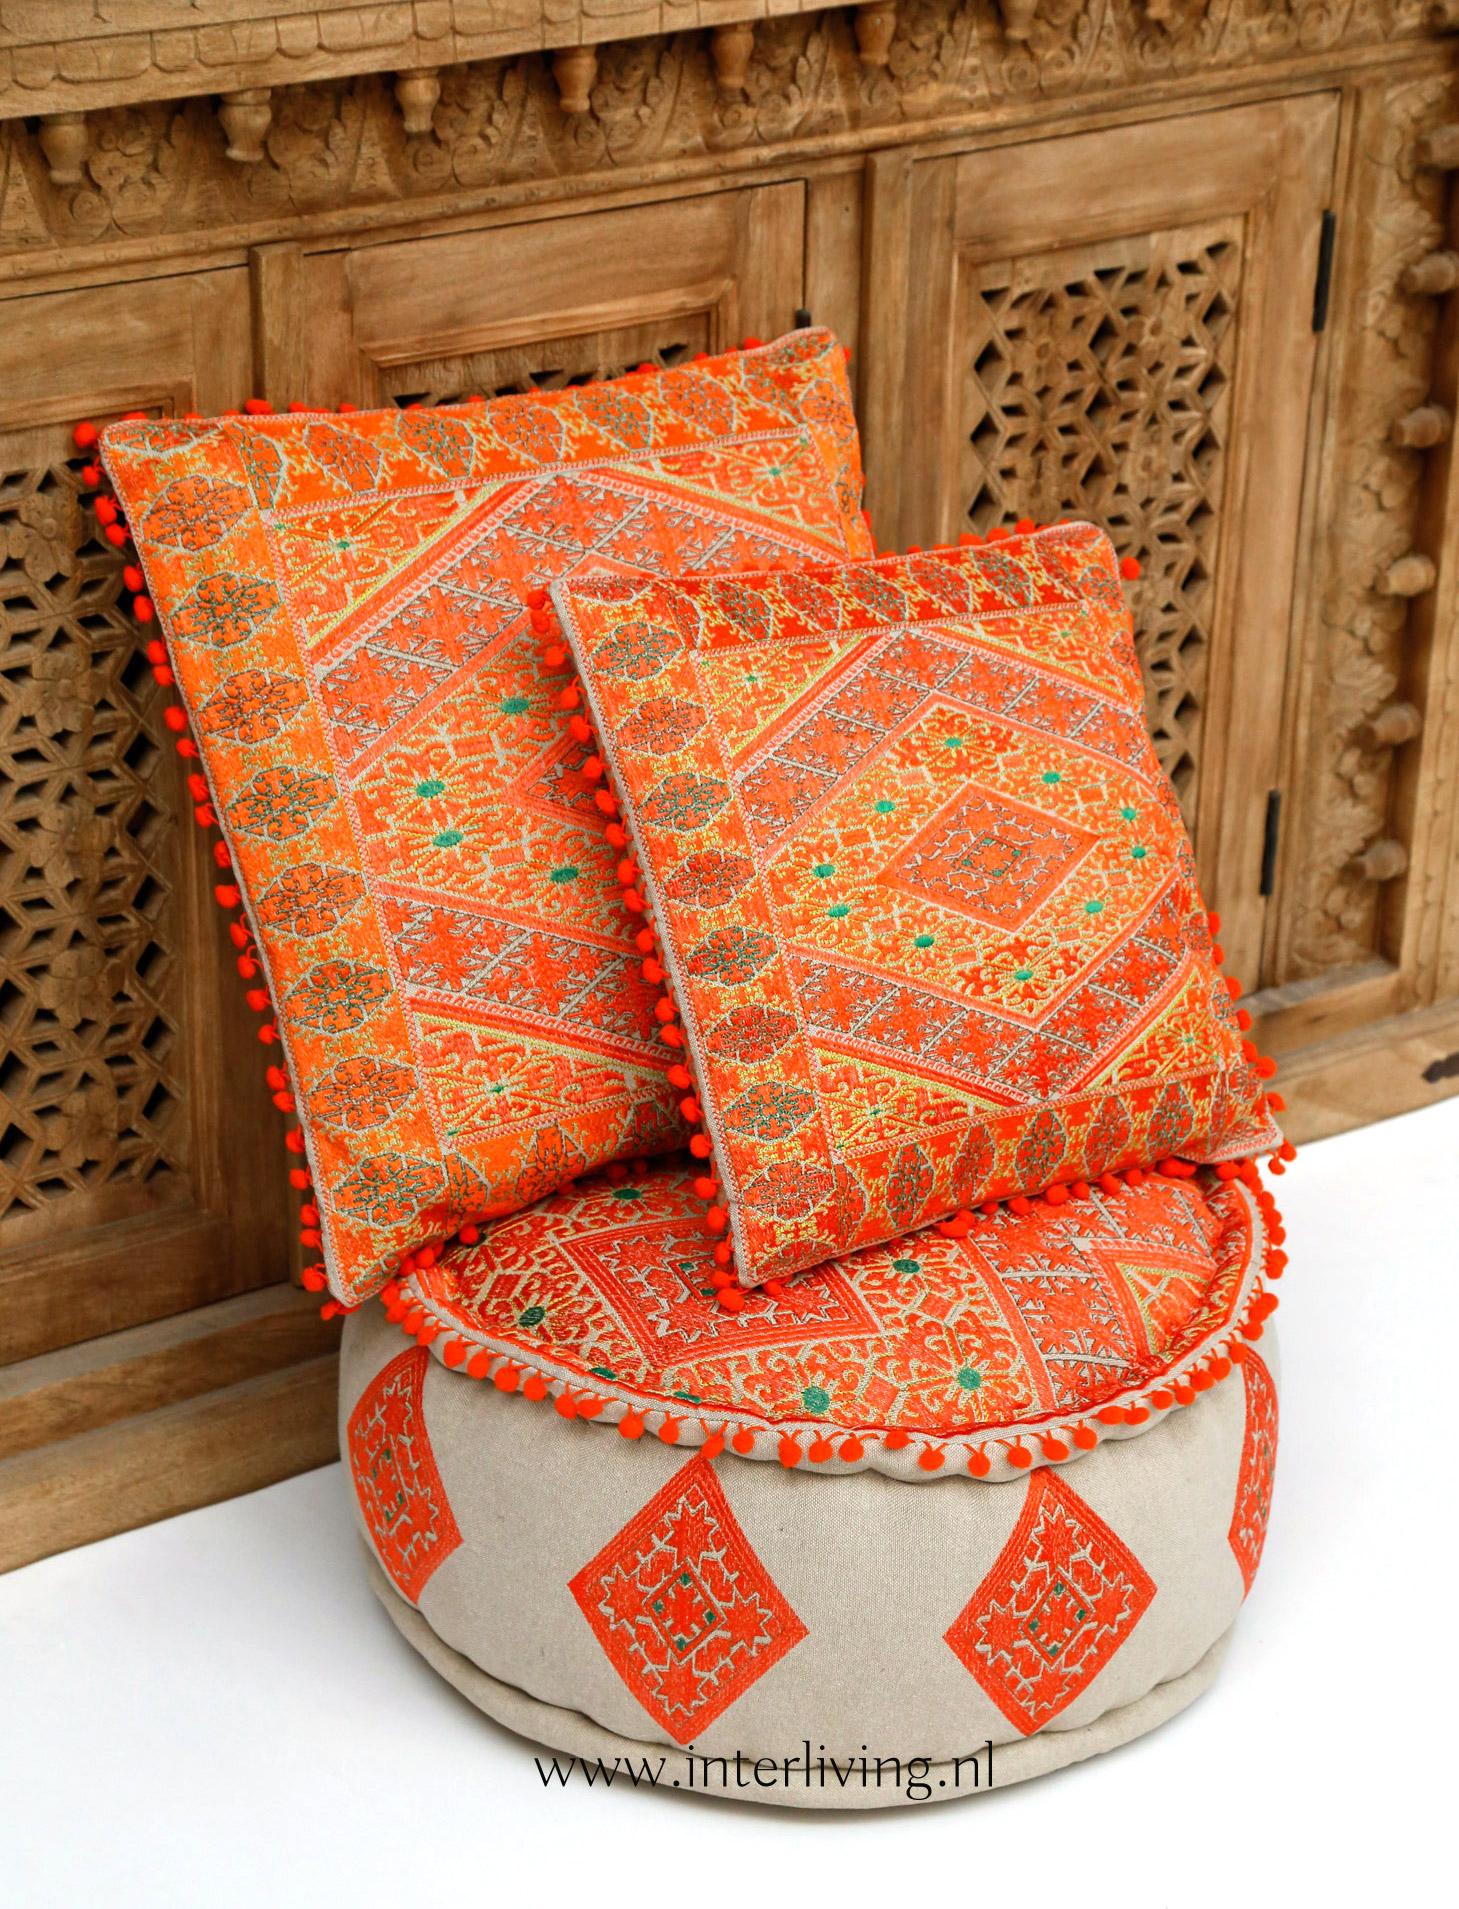 oranje kussens - marokkaans